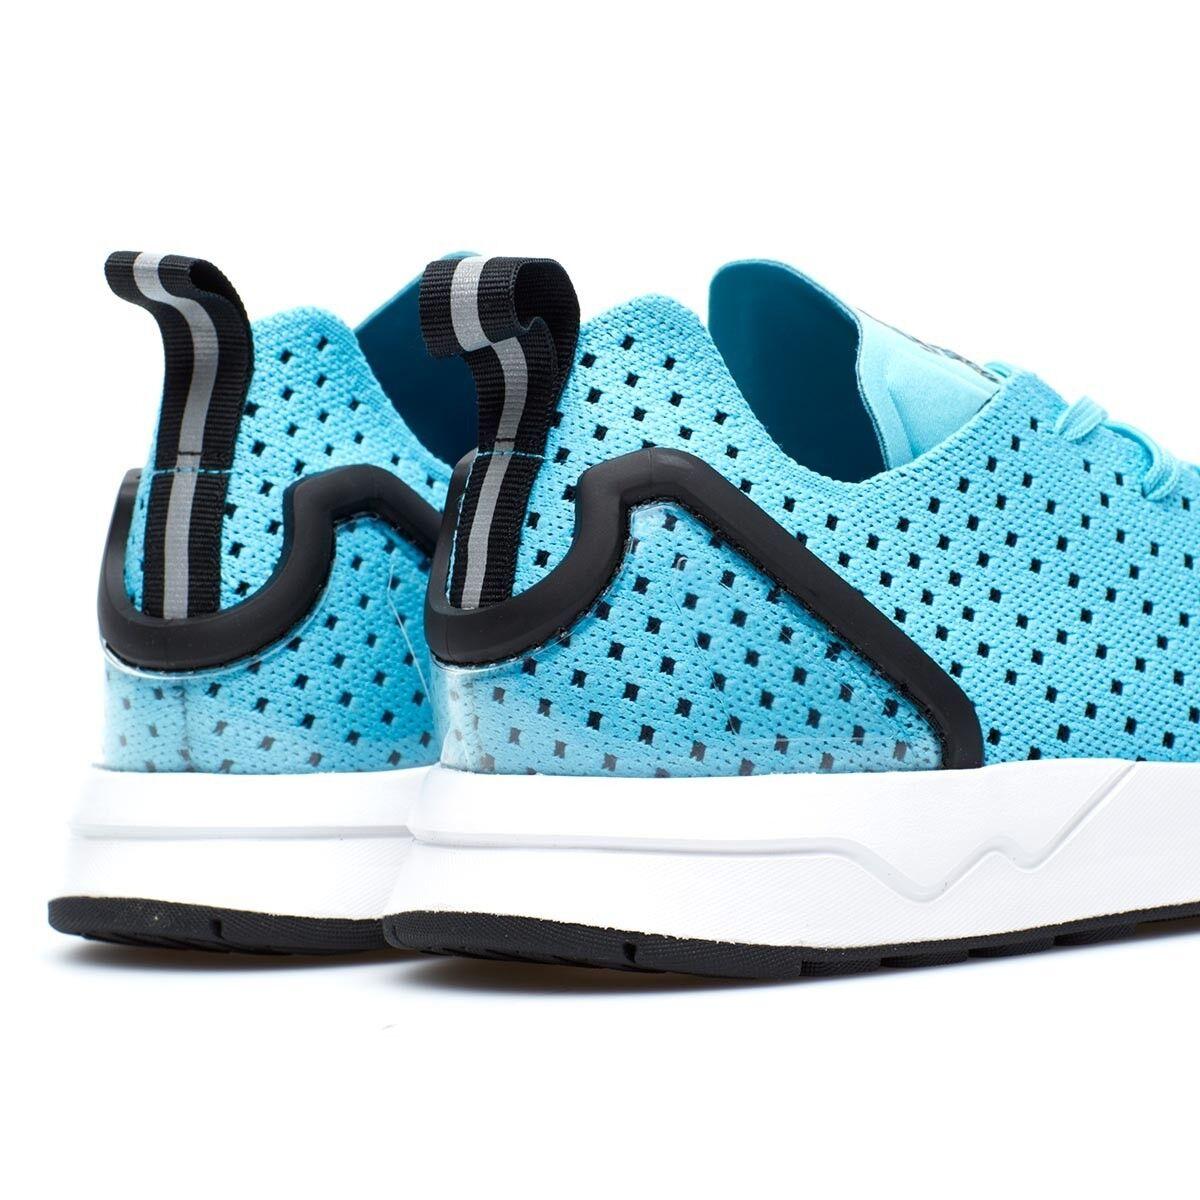 flux primeknit asymétrique adidas zx - en chaussures réponse des chaussures en de gym ~   taille 9 d9fae0